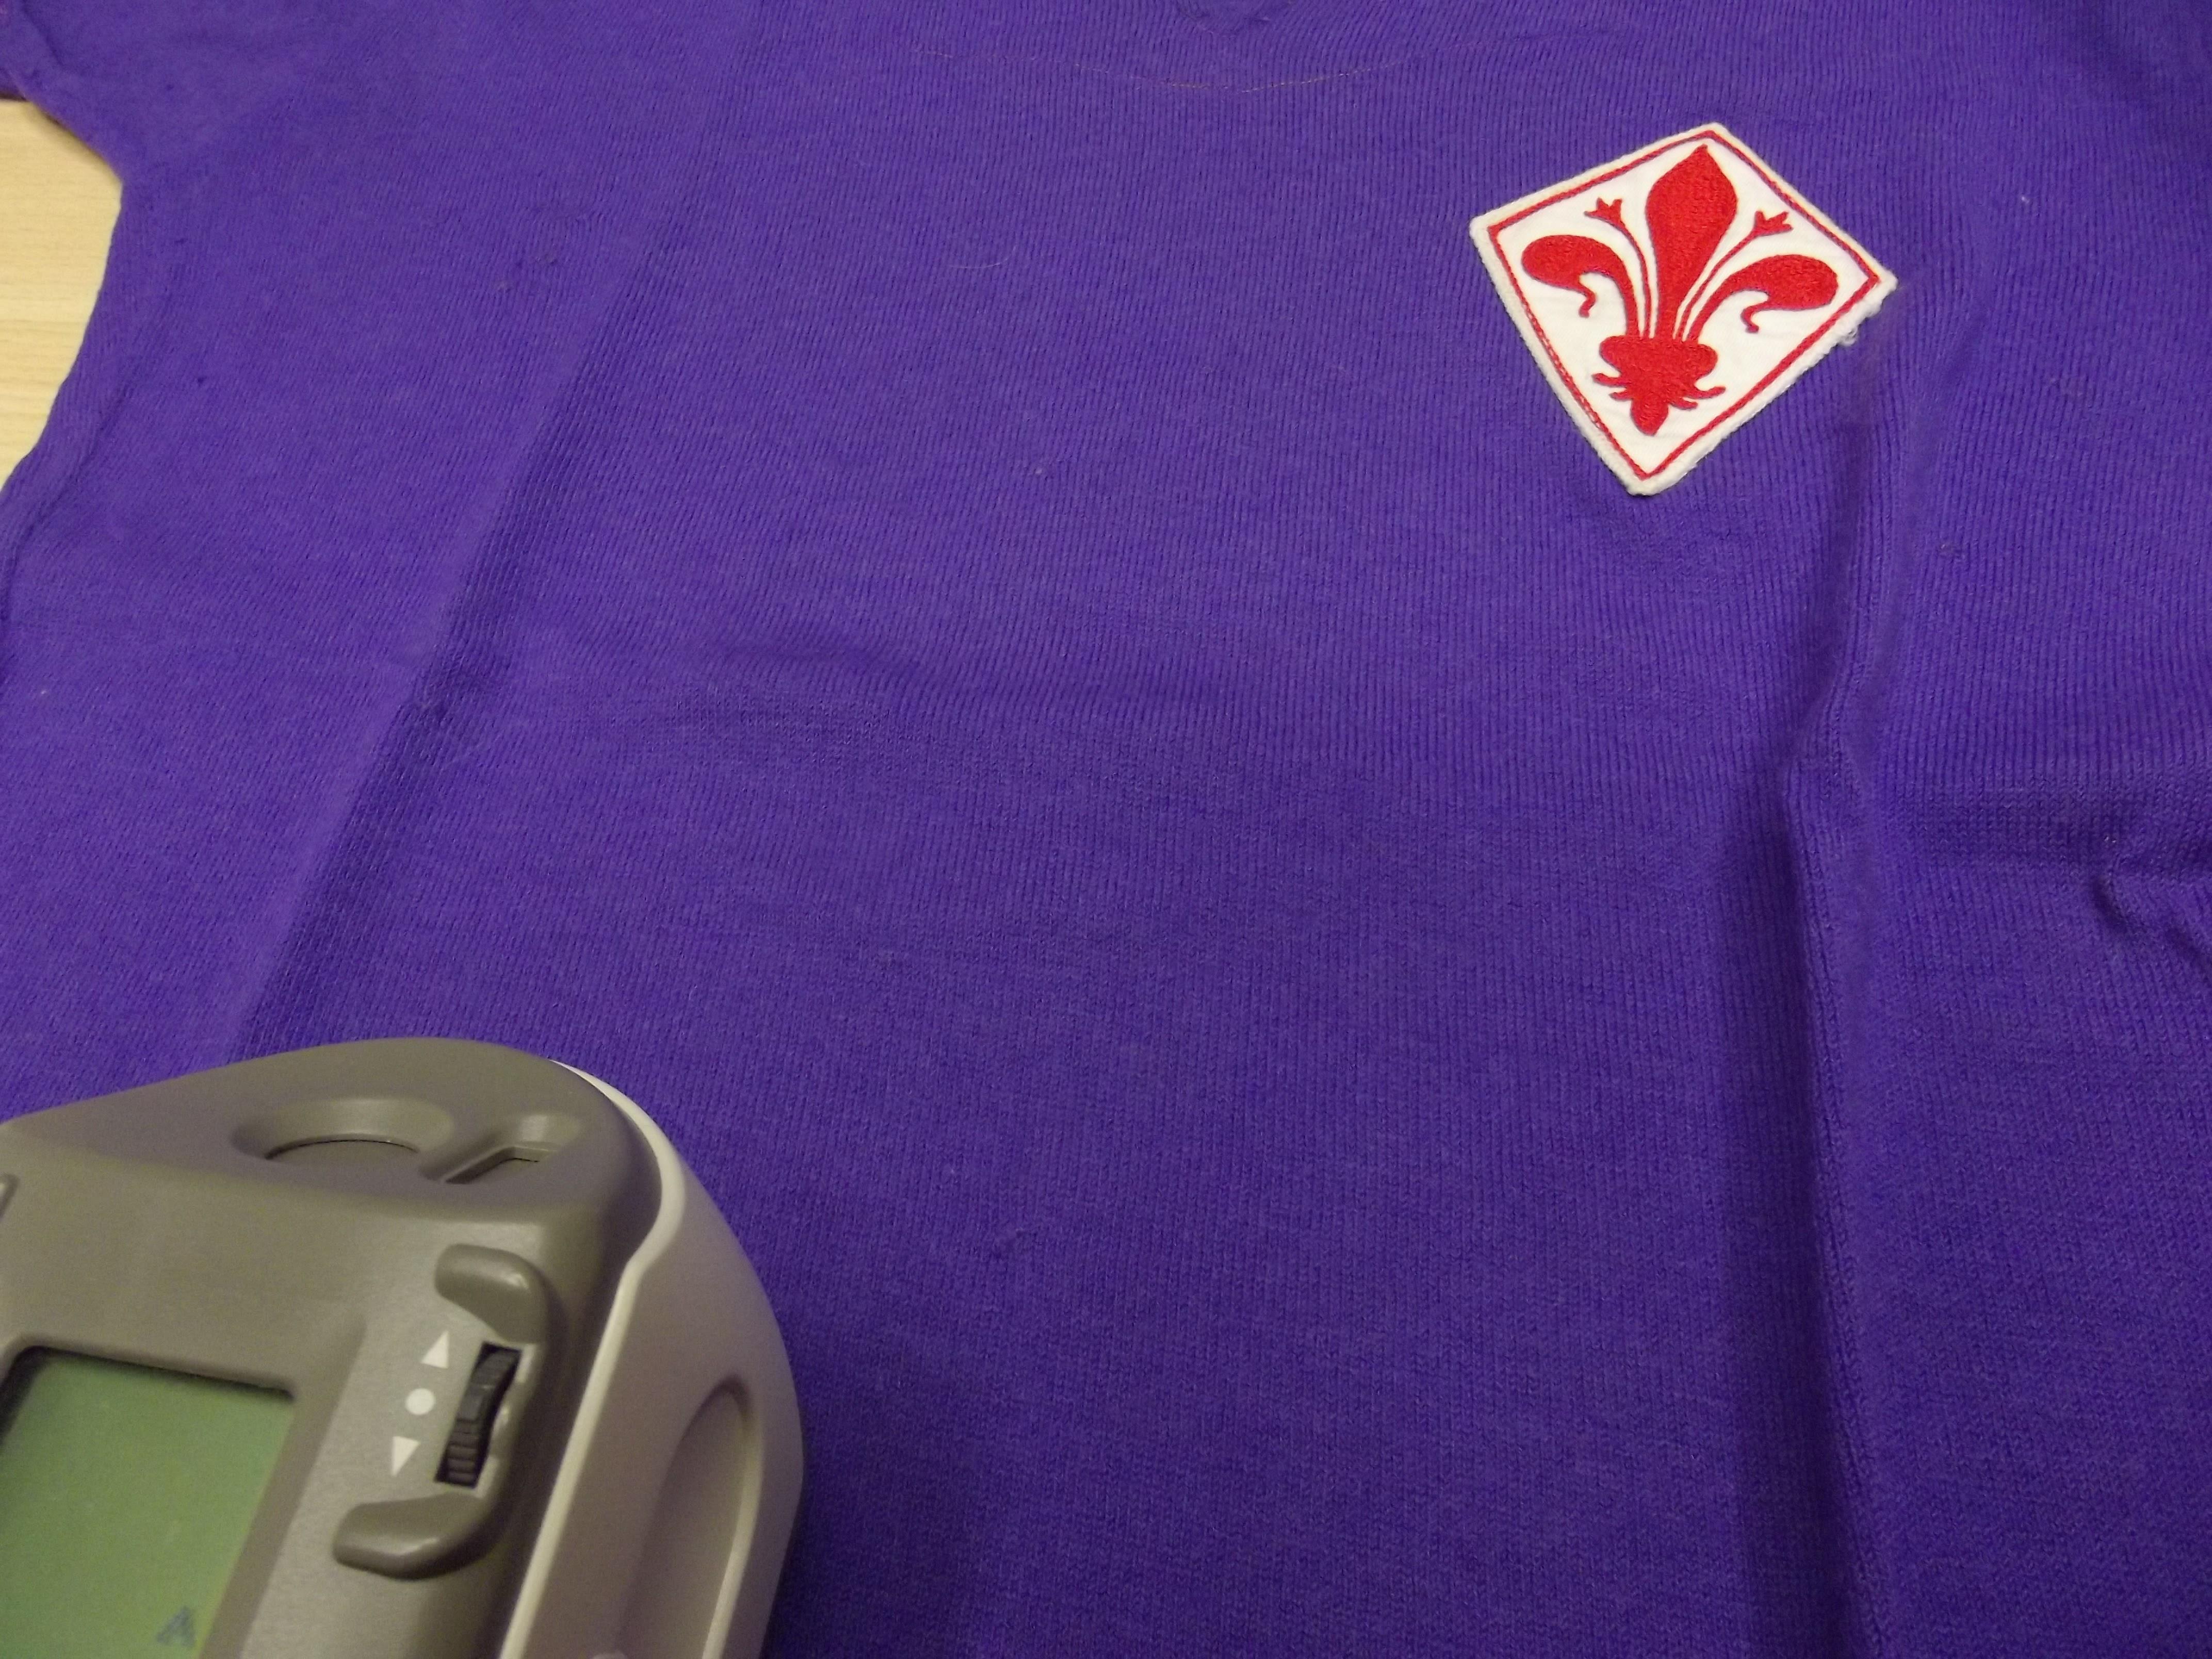 Di che colore è veramente la maglia viola della Fiorentina? Uno studio del CNR risponde al quesito [GALLERY]